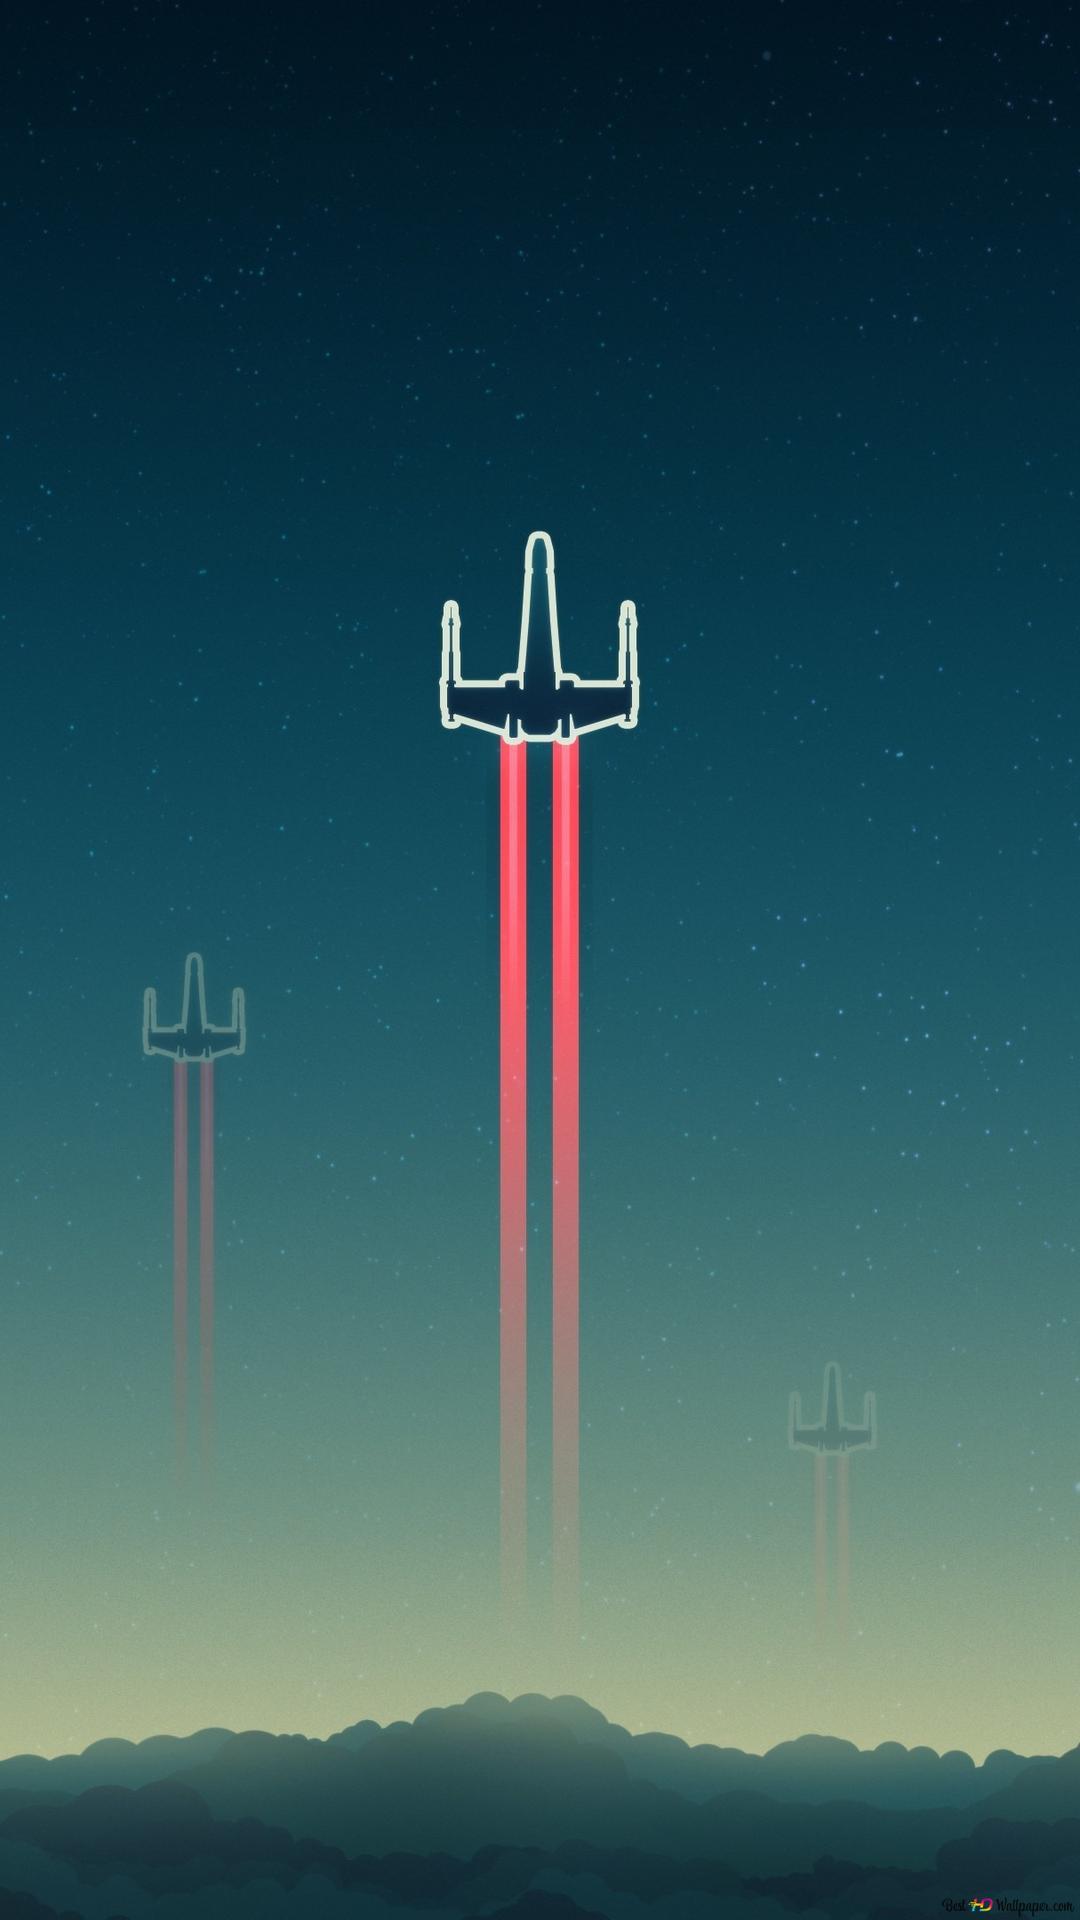 x wing starfighter star wars digital art wallpaper 1080x1920 42028 165